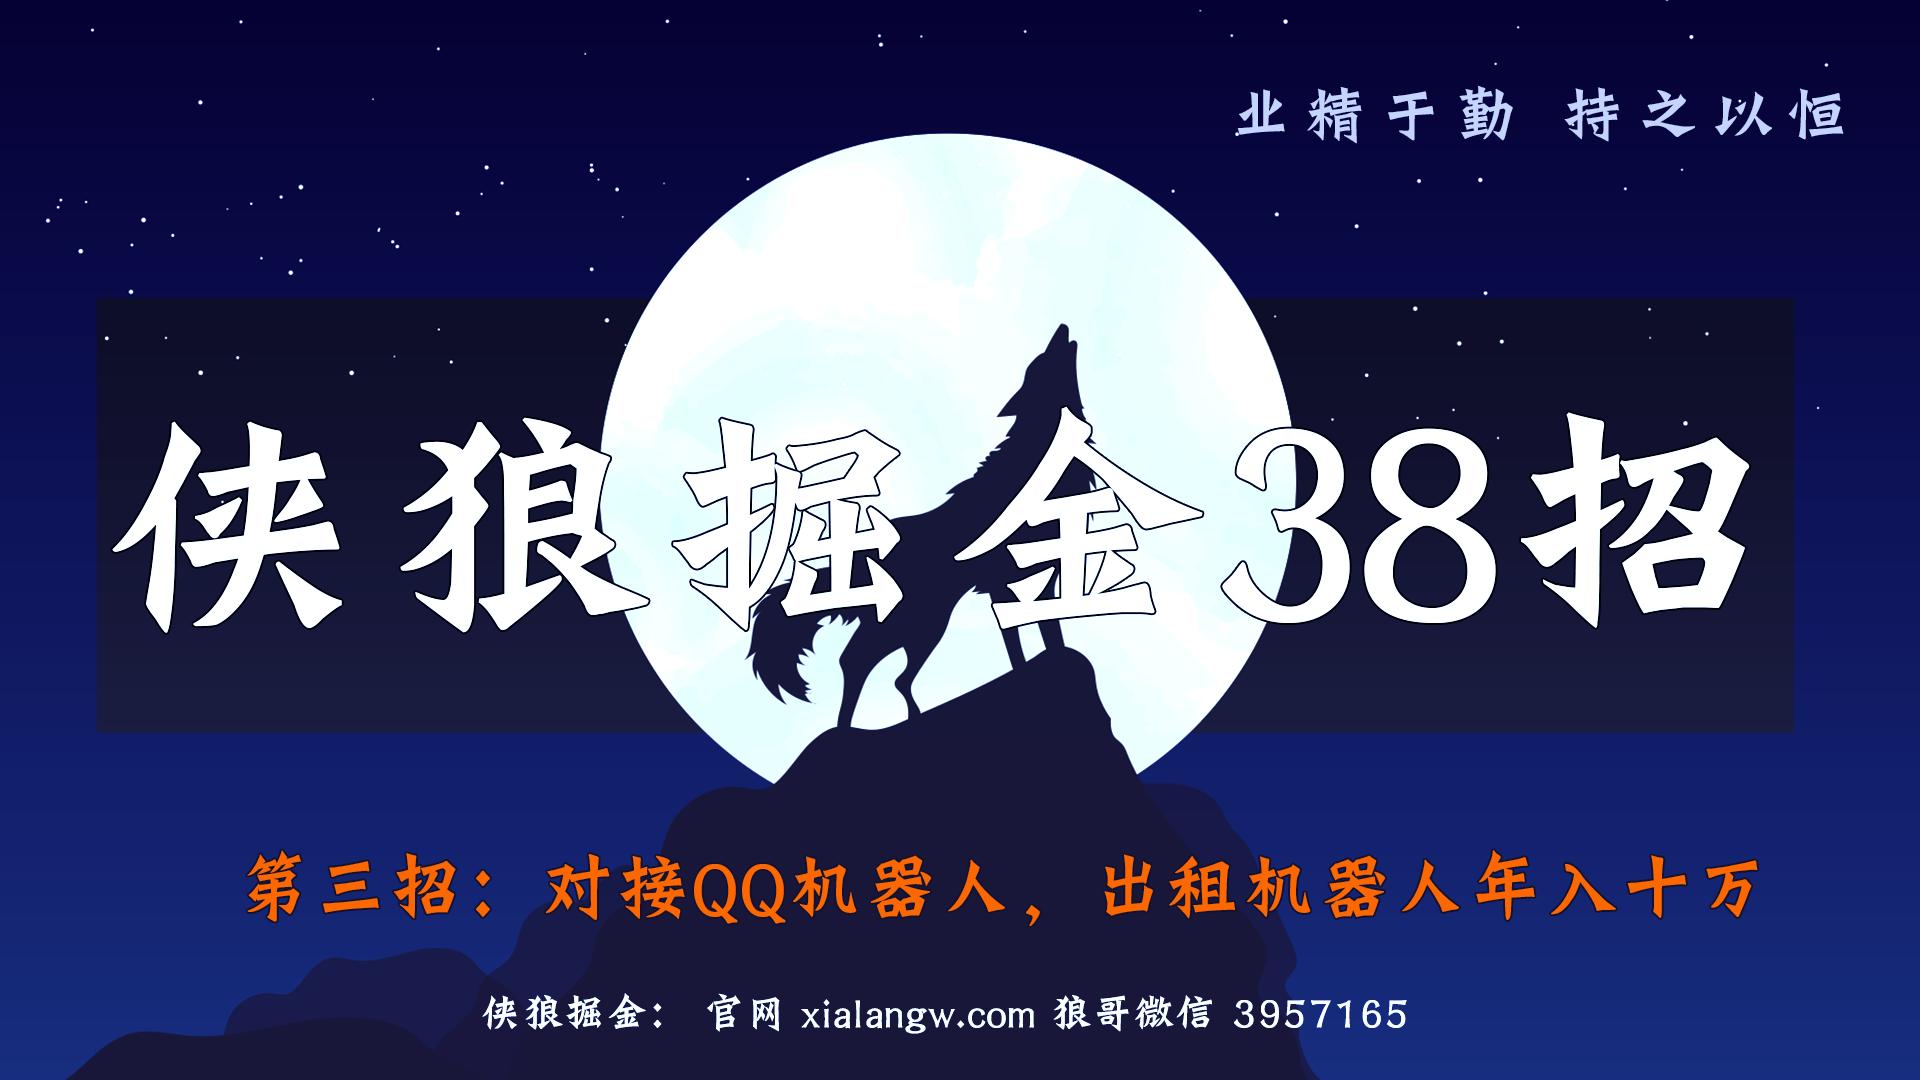 侠狼掘金38招第三招:对接QQ机器人,出租机器人年入十万